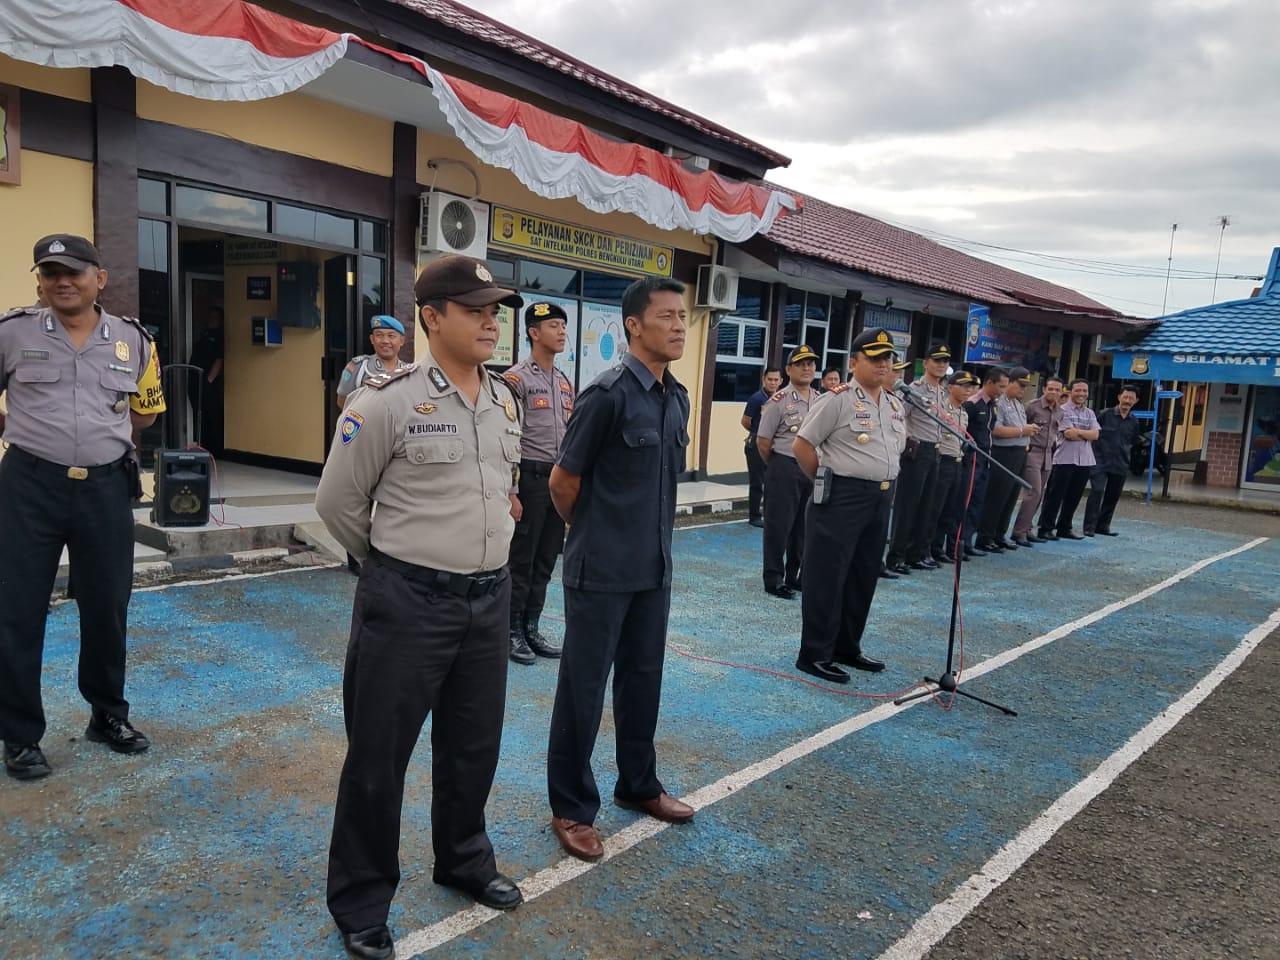 Kapolres Bengkulu Utara  Berikan Hadiah Umroh Gratis Terhadap 2 Orang  Anggota Polisi Terbaik